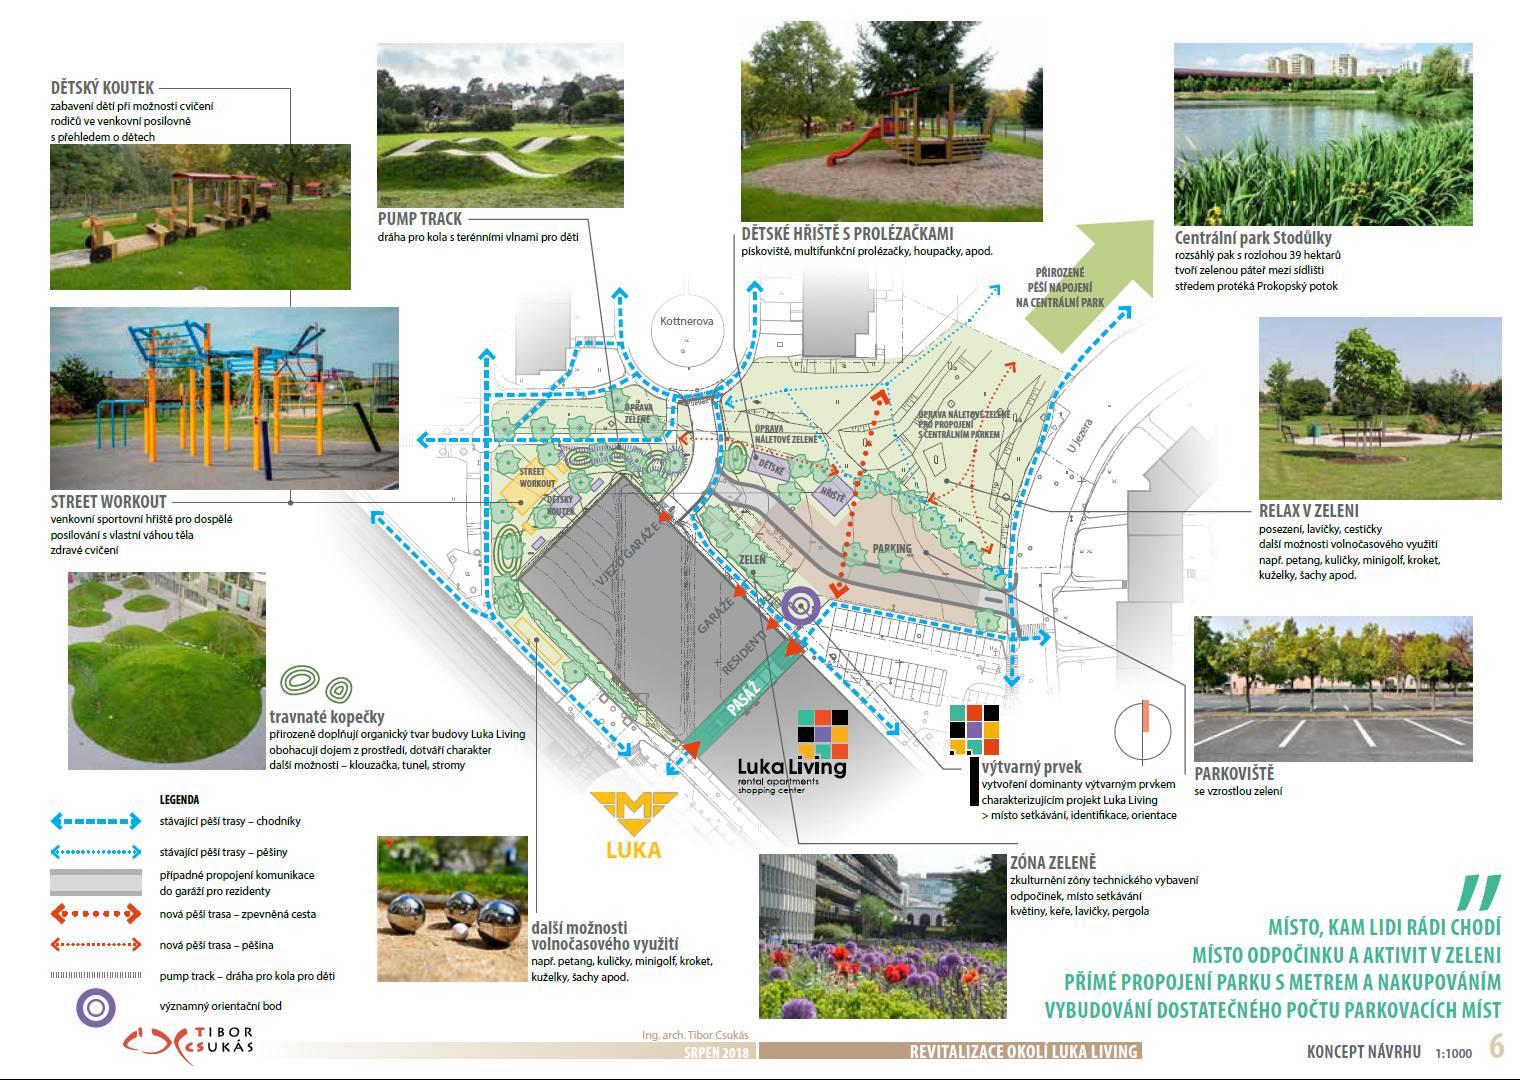 návrh revitalizace okolí bytového domu Luka Living